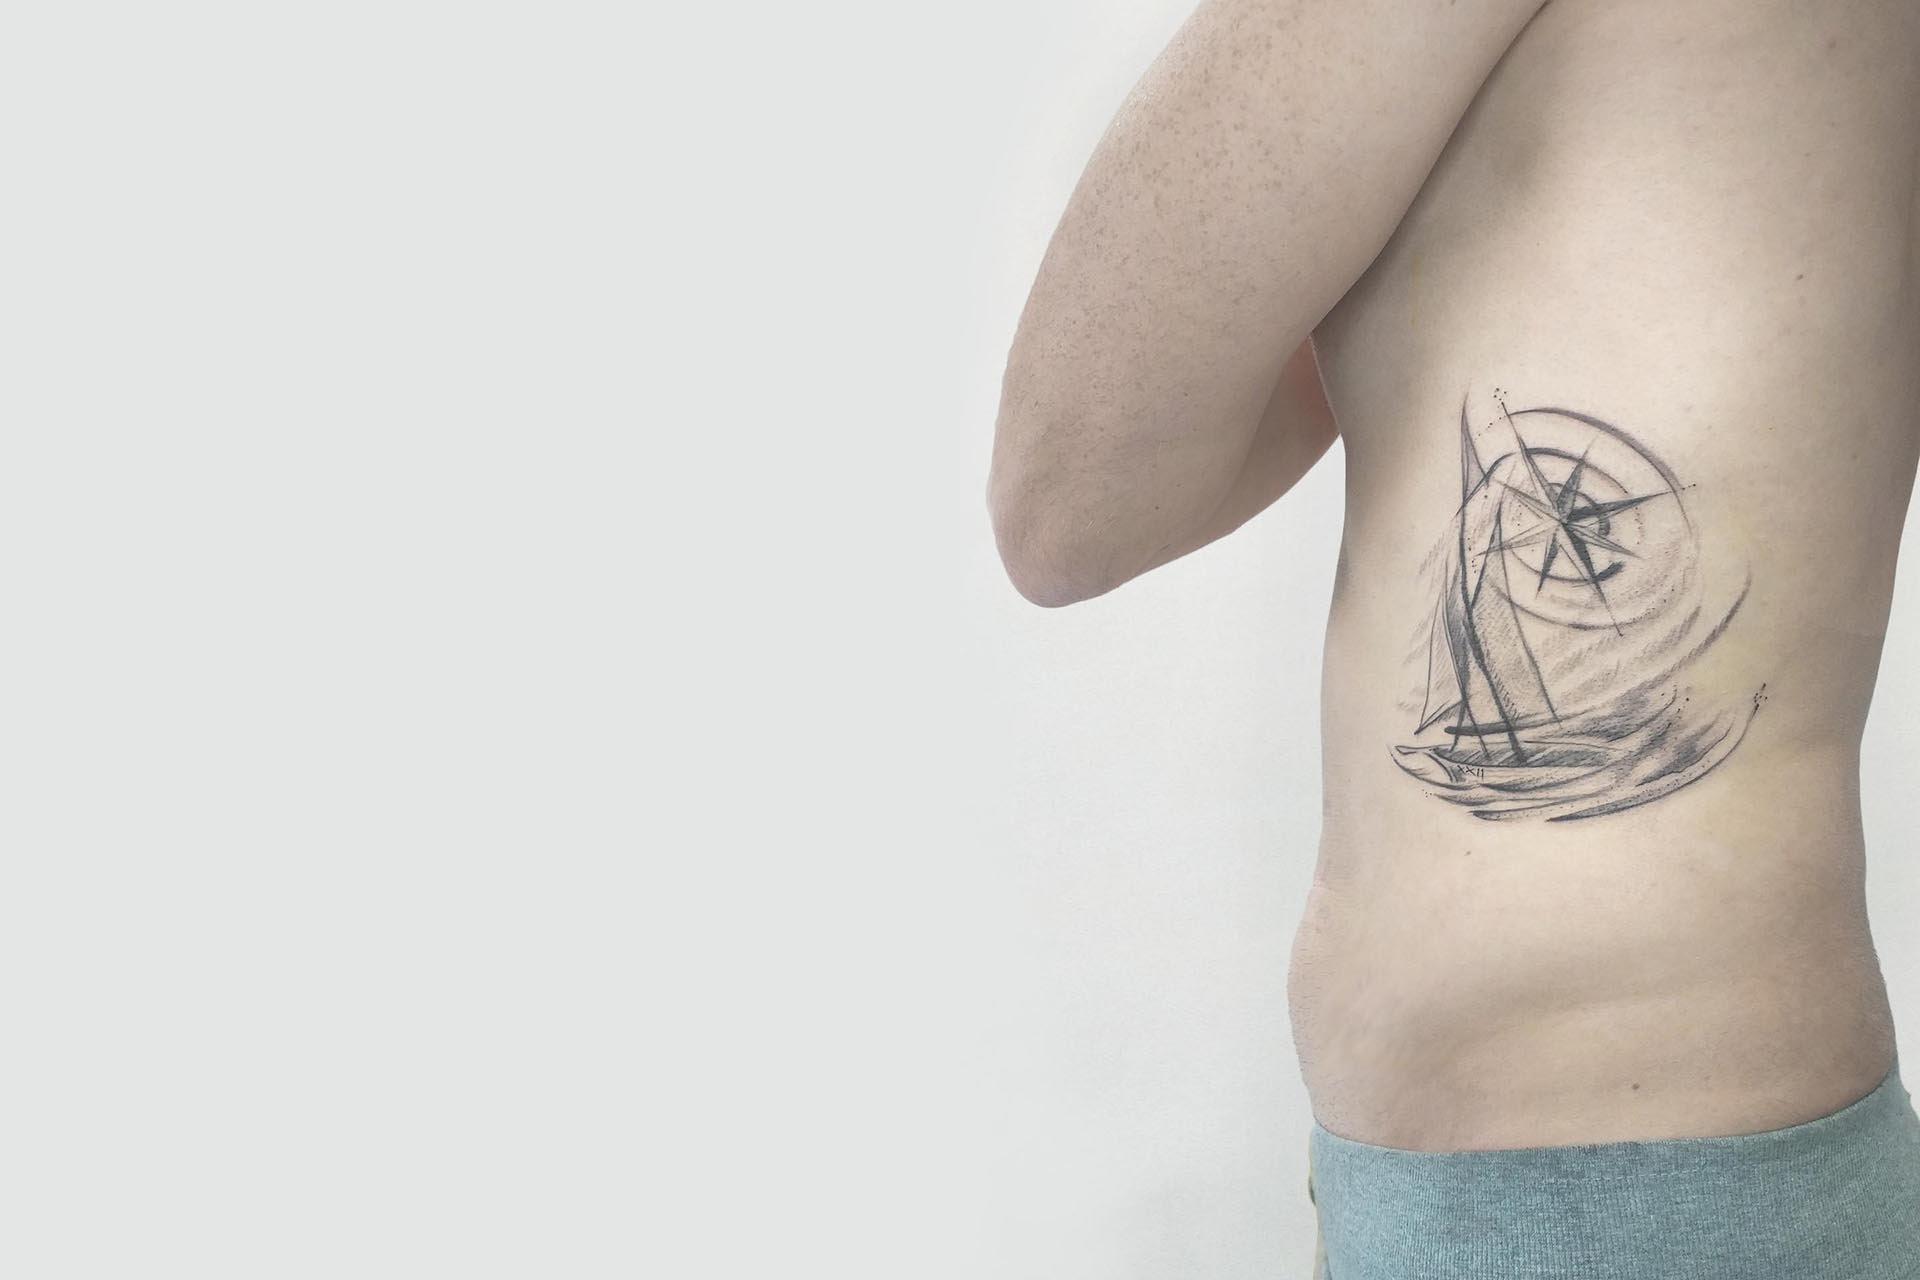 L'evoluzione del tatuaggio